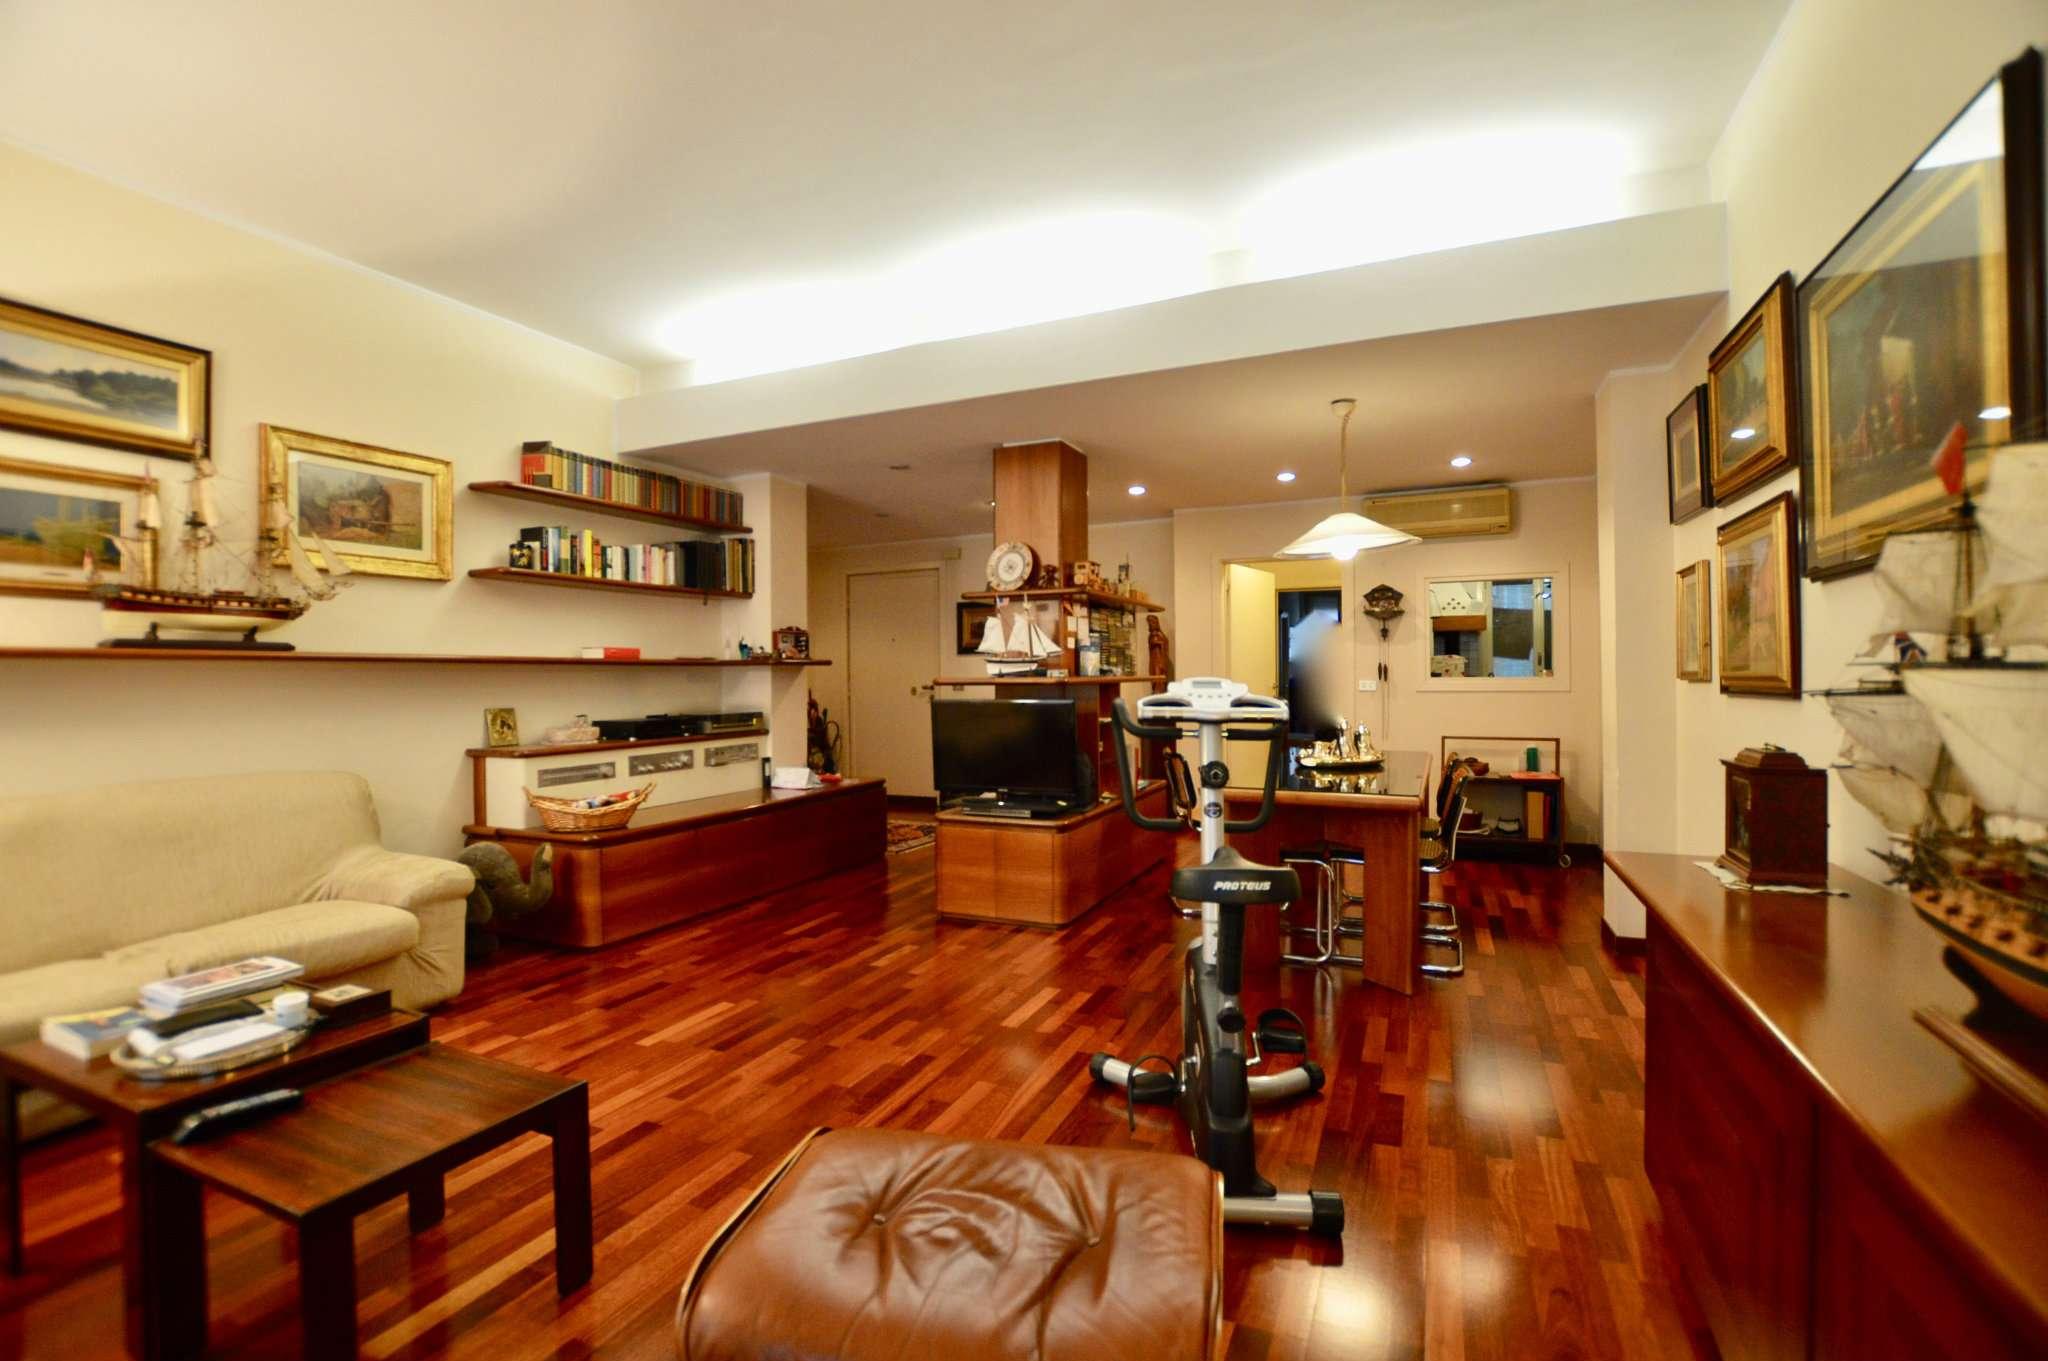 Appartamento in Vendita a Milano 03 Venezia / Piave / Buenos Aires: 3 locali, 132 mq